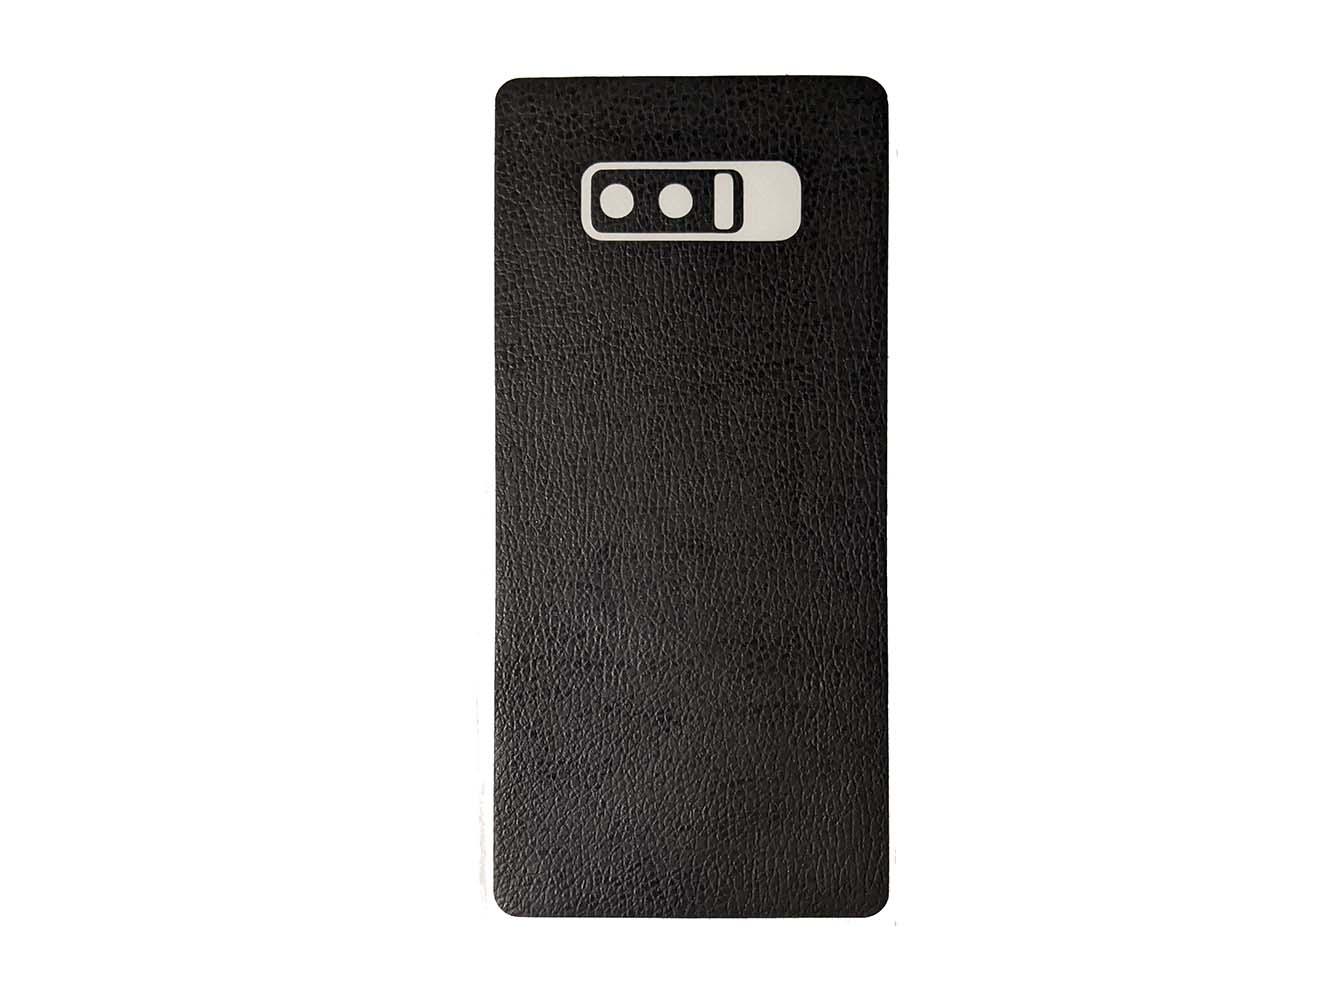 Miếng dán điện thoại Samsung Galaxy Note 8